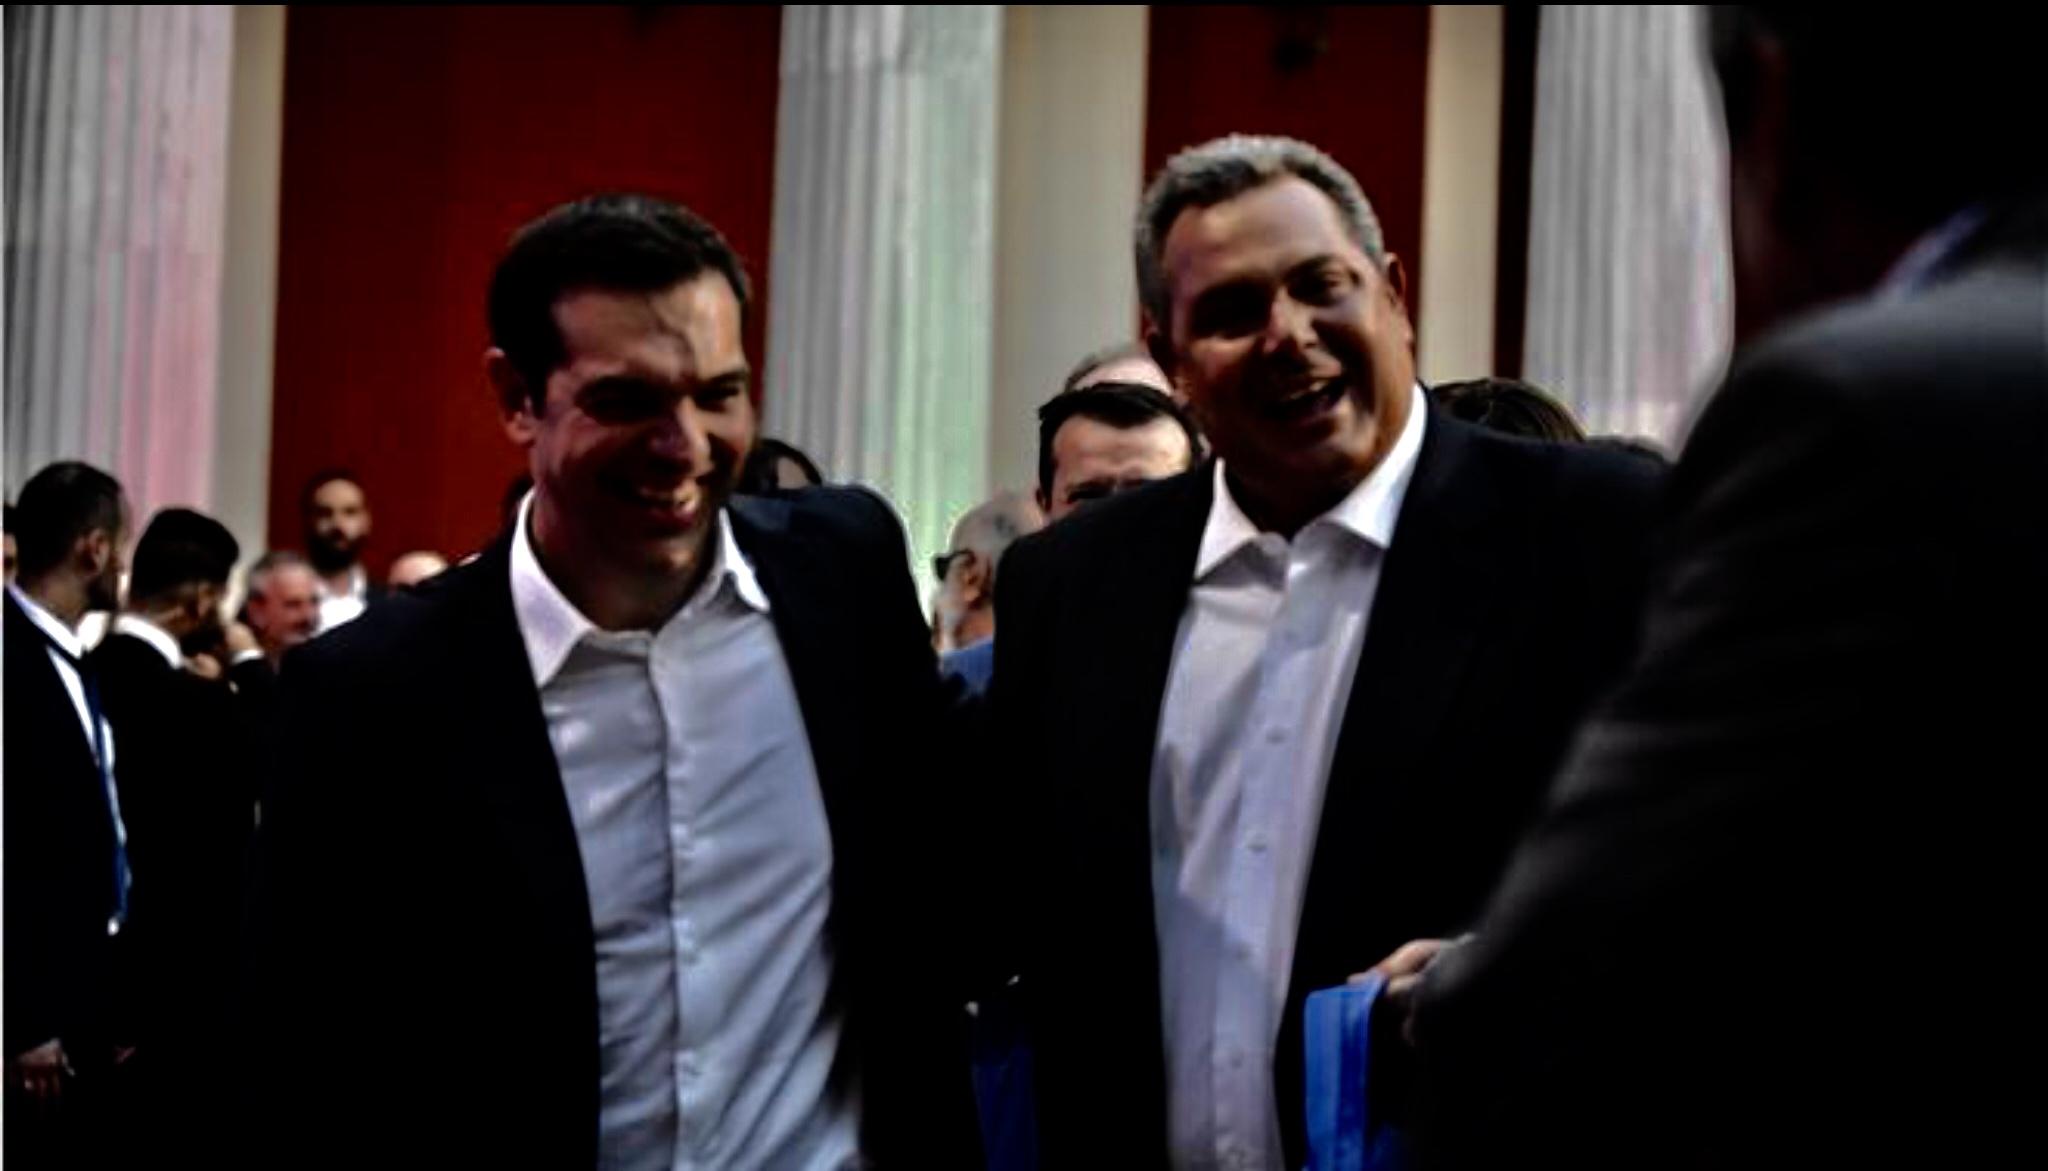 ΟΡΙΣΤΙΚΑ ΕΞΩ ΤΟ Δ.Ν.Τ ΑΠΟ ΤΗΝ ΕΛΛΑΔΑ! Η δικαίωση ενός αγώνα που ξεκίνησε το olympia.gr κι έγινεποτάμι!